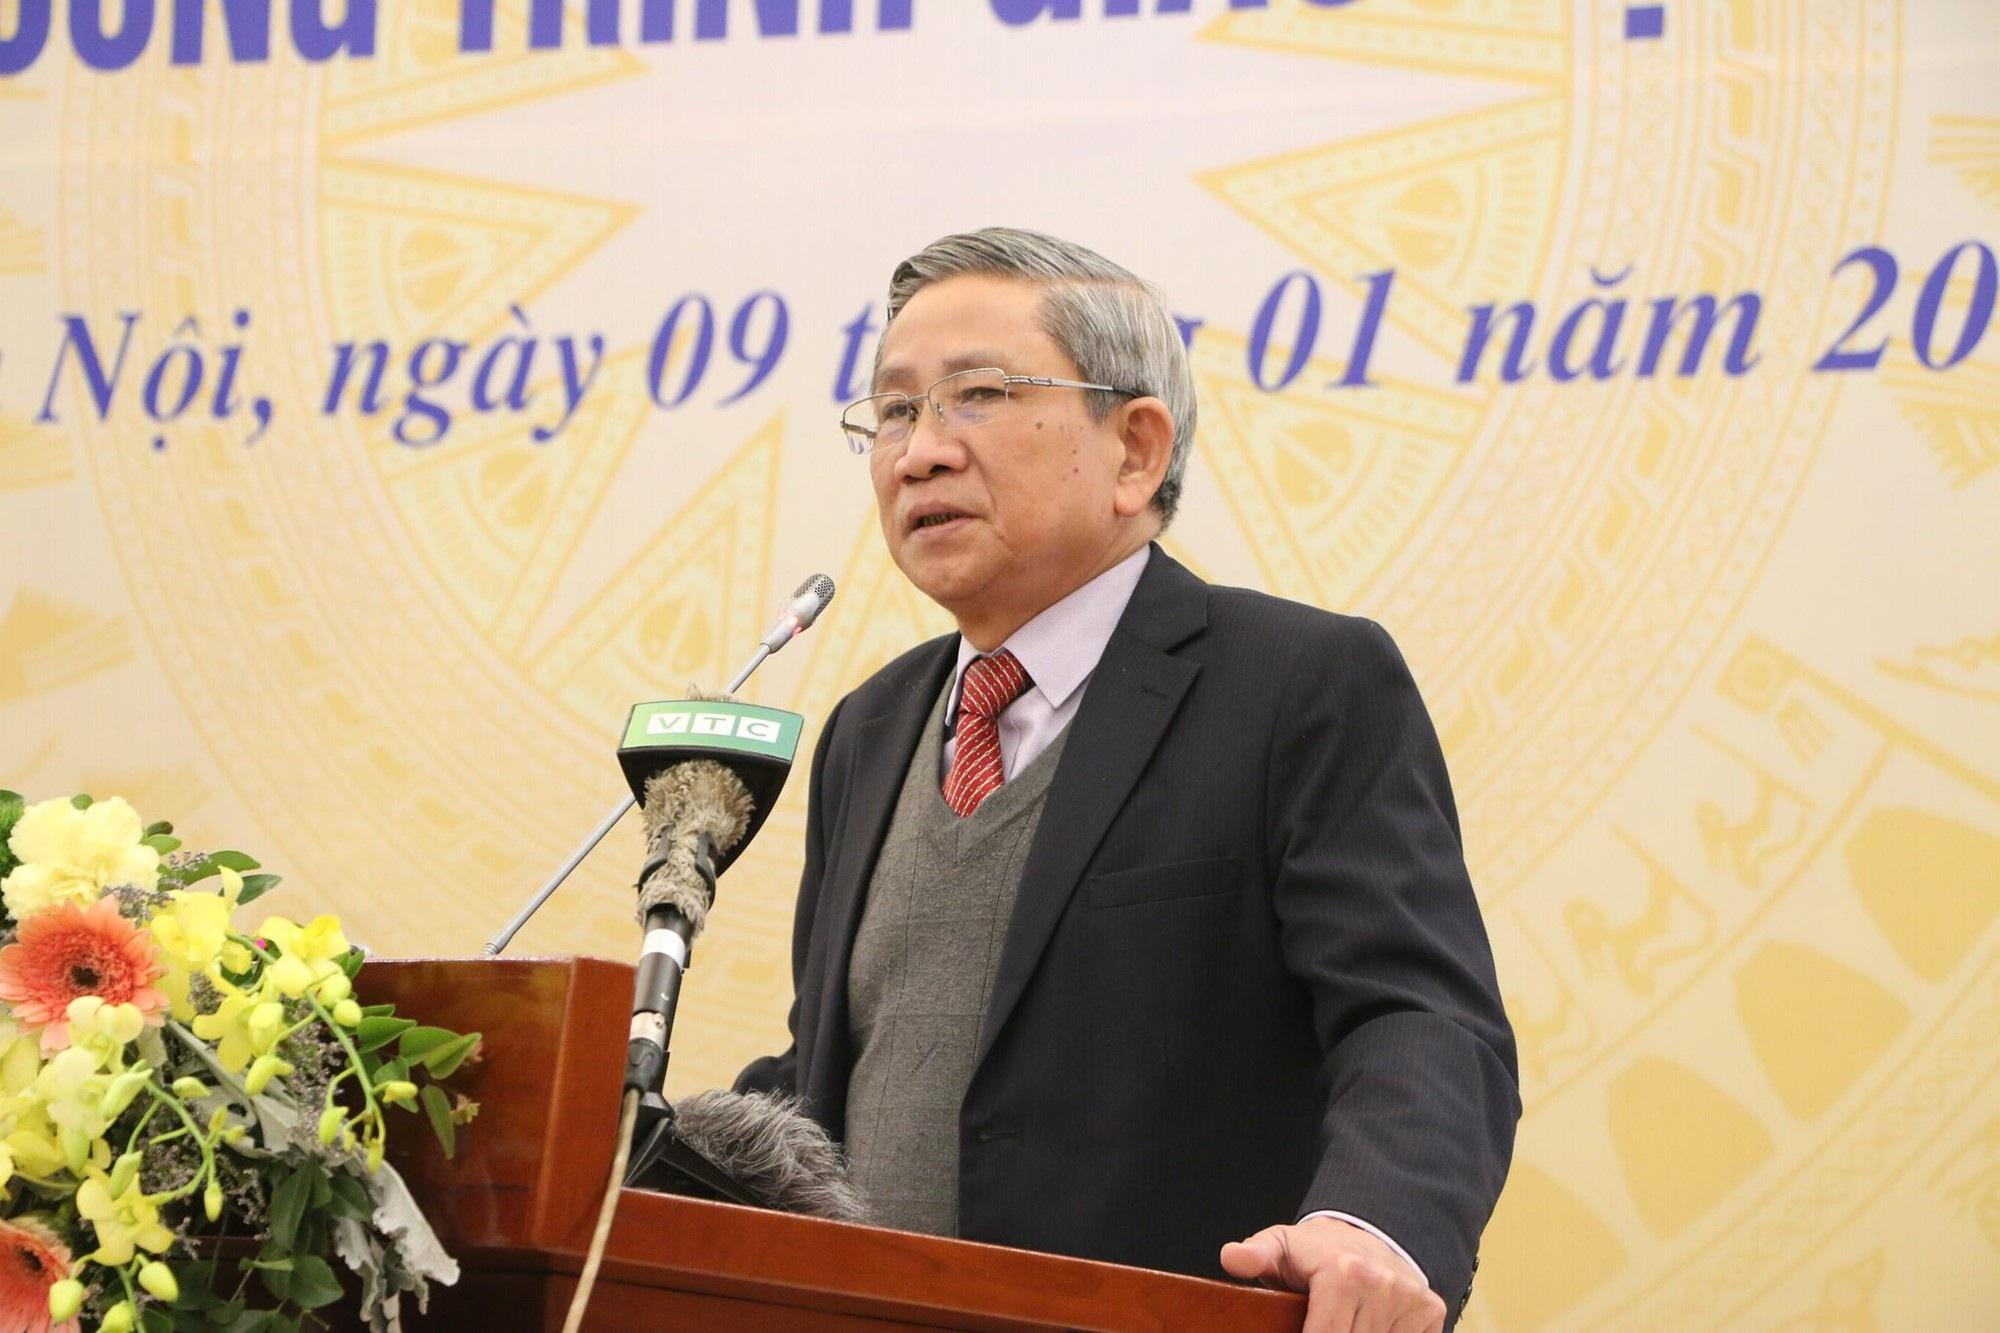 """Bộ trưởng Phùng Xuân Nhạ: """"Các Sở GD&ĐT chia sẻ khó khăn để sớm đổi mới giáo dục phổ thông"""" - Ảnh 2."""